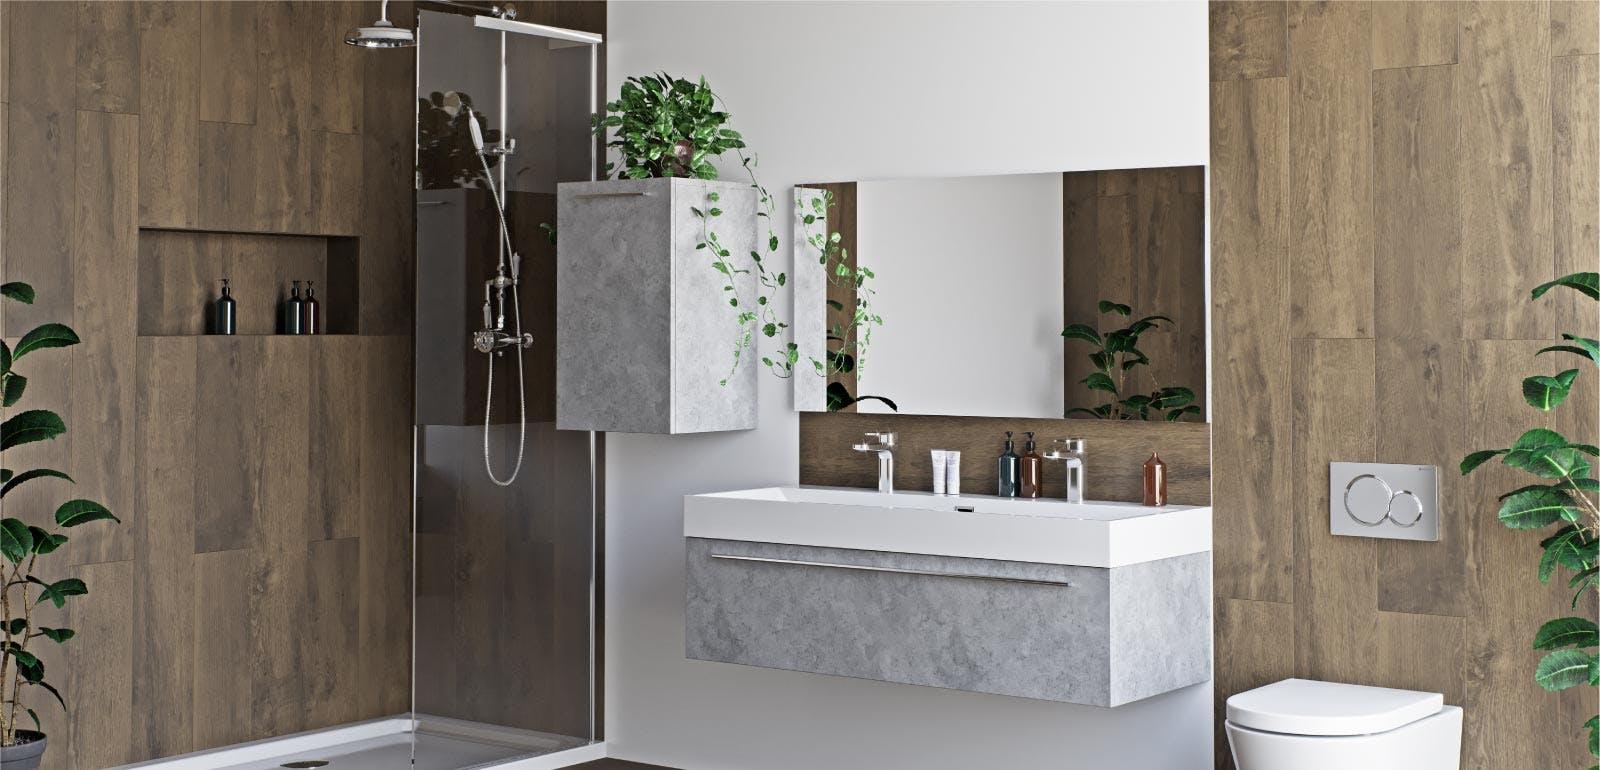 7 Contemporary Bathroom Ideas For 2020 And Beyond Victoriaplum Com